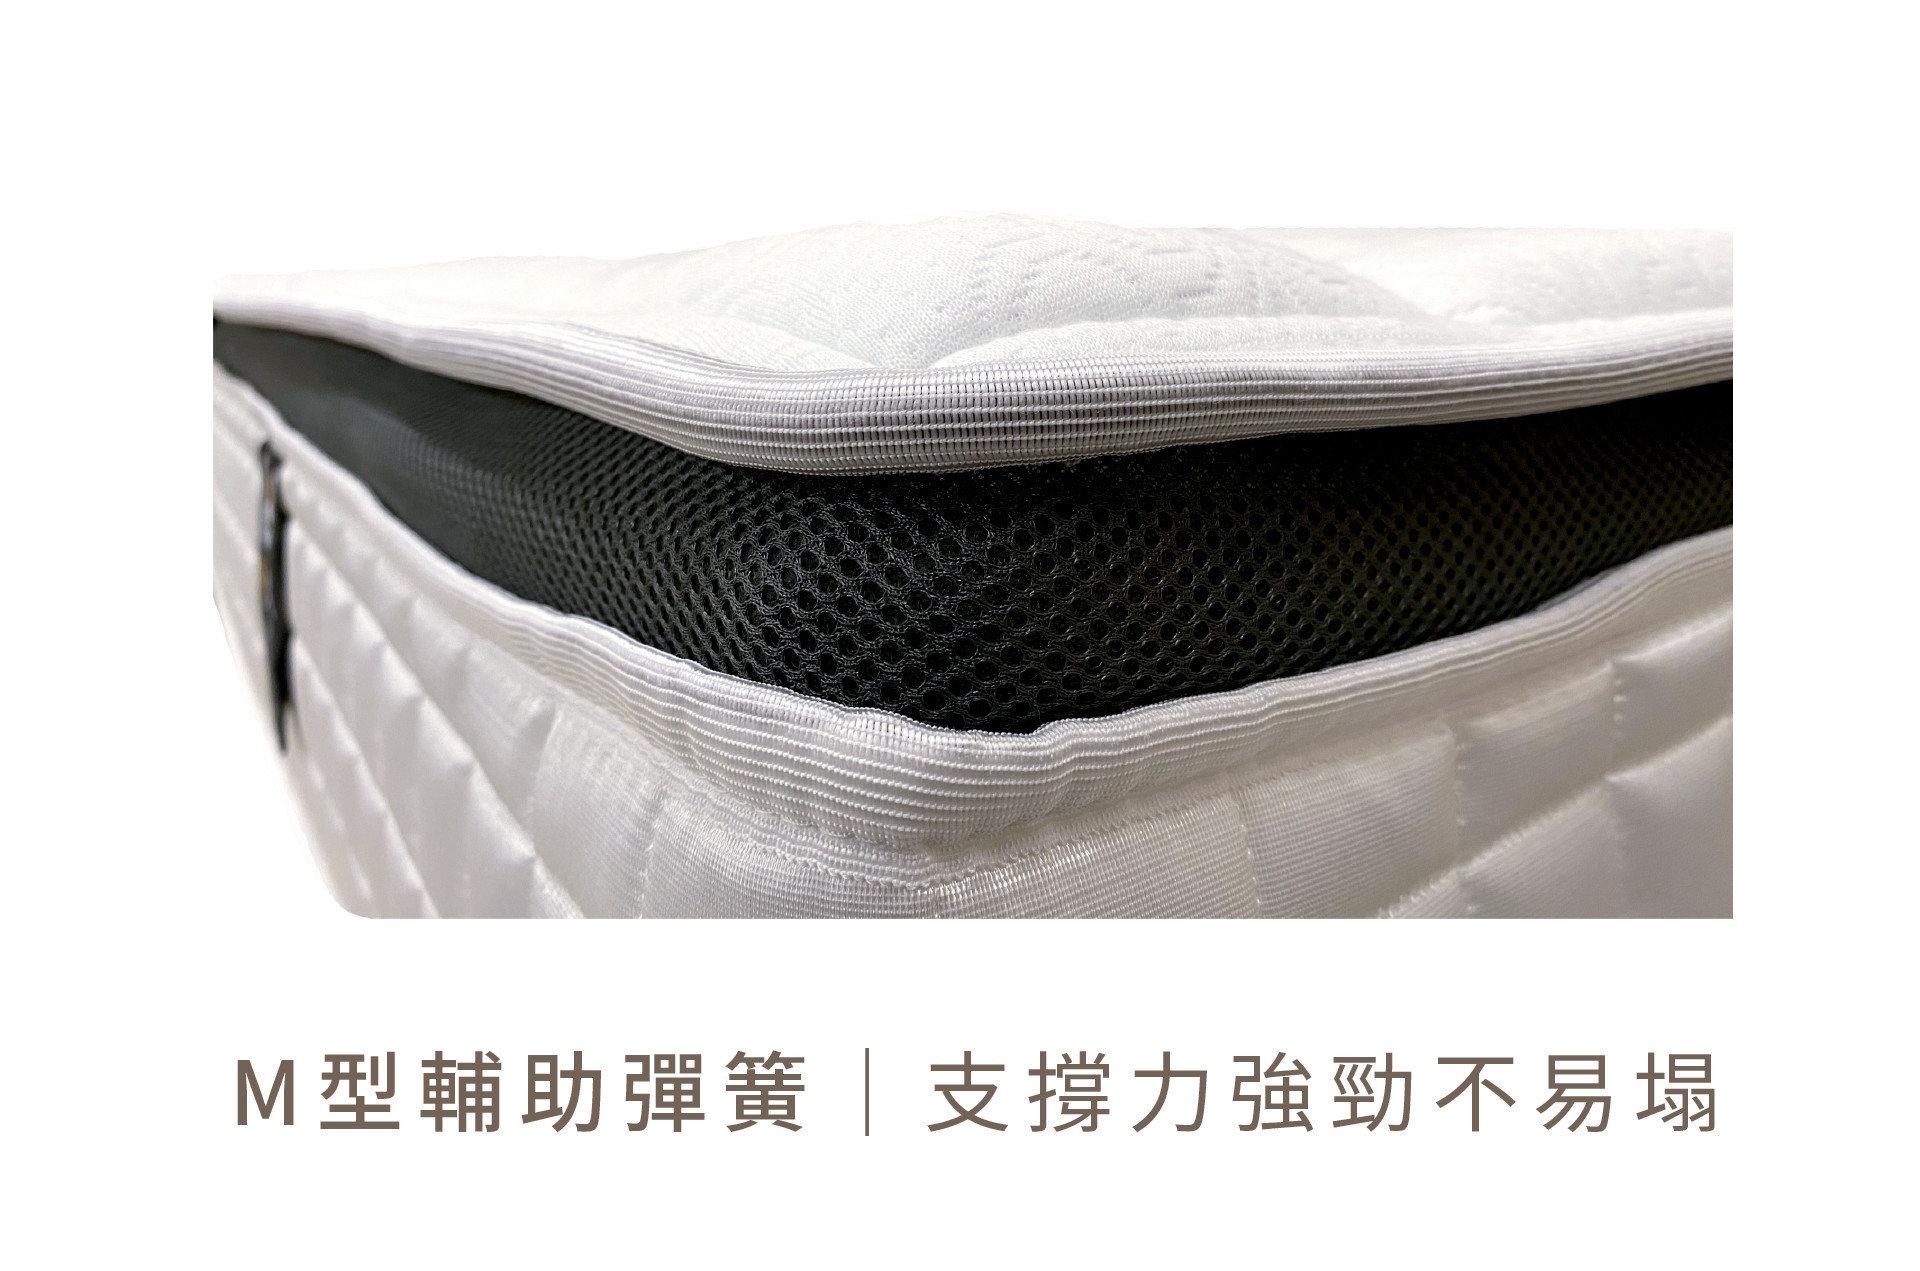 床沿加裝M型輔助彈簧,不僅提供更強大支撐性,床沿也不易塌陷,上下床更安心